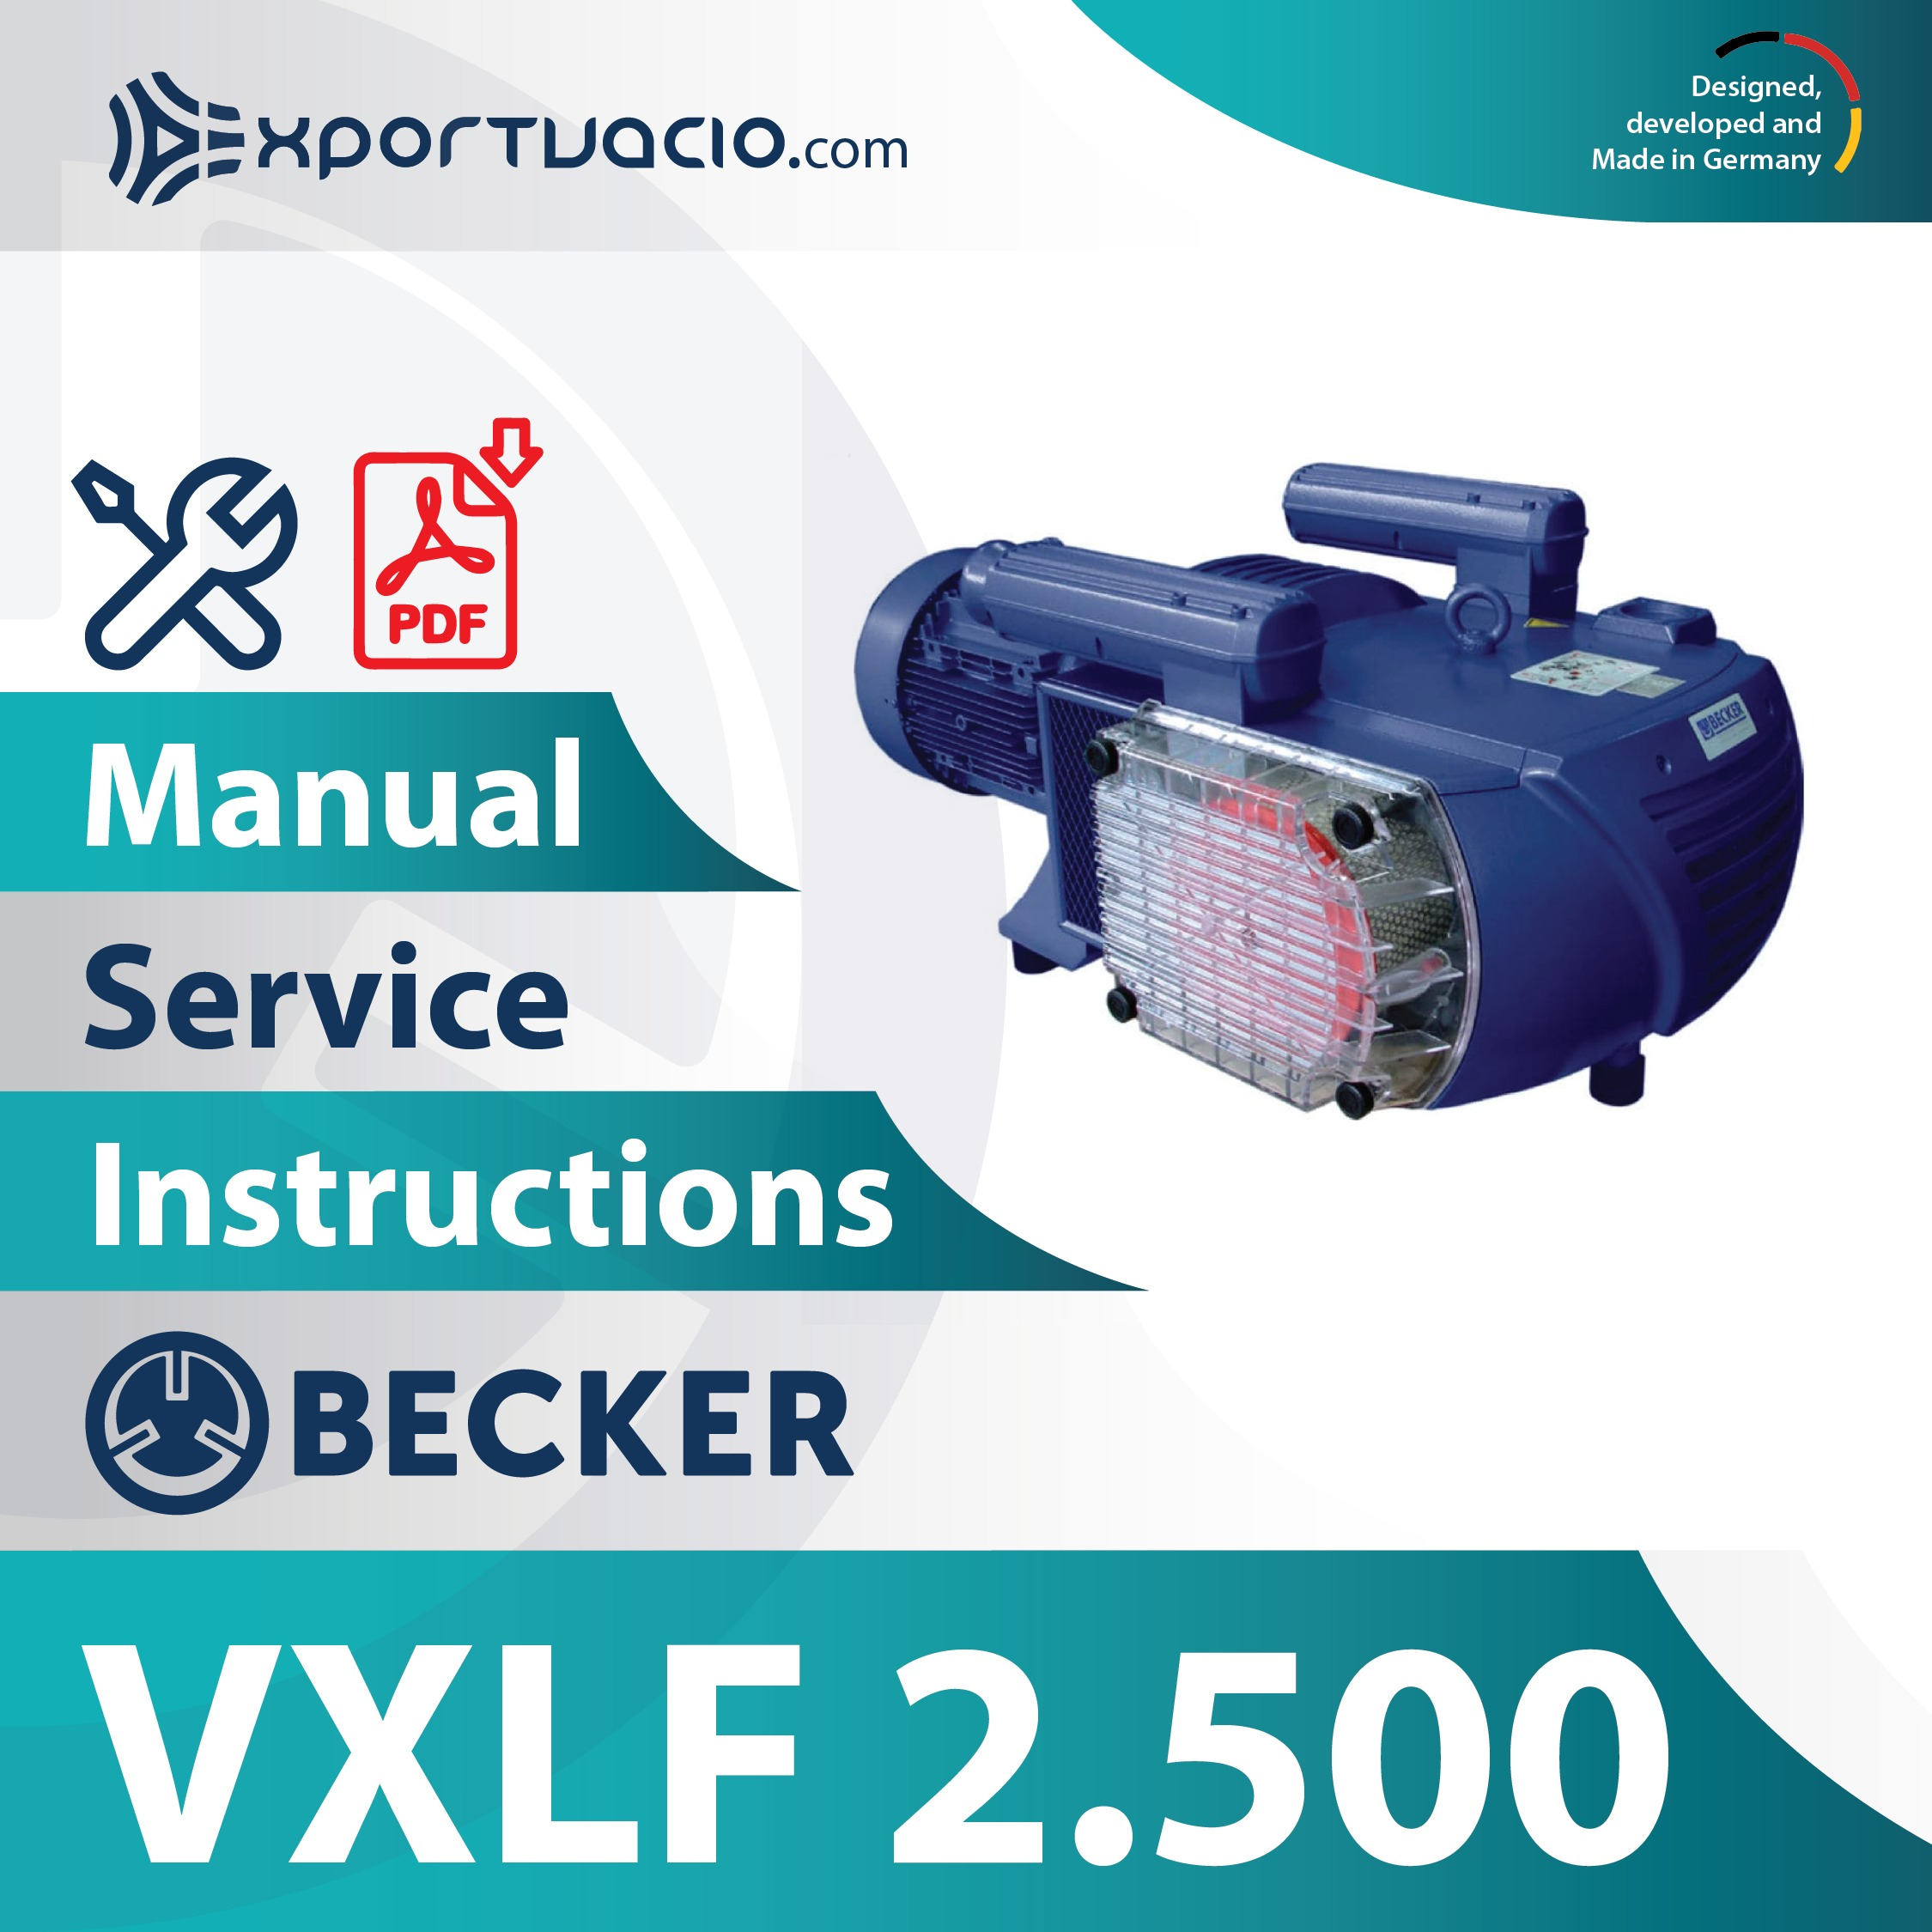 Becker VXLF 2.500